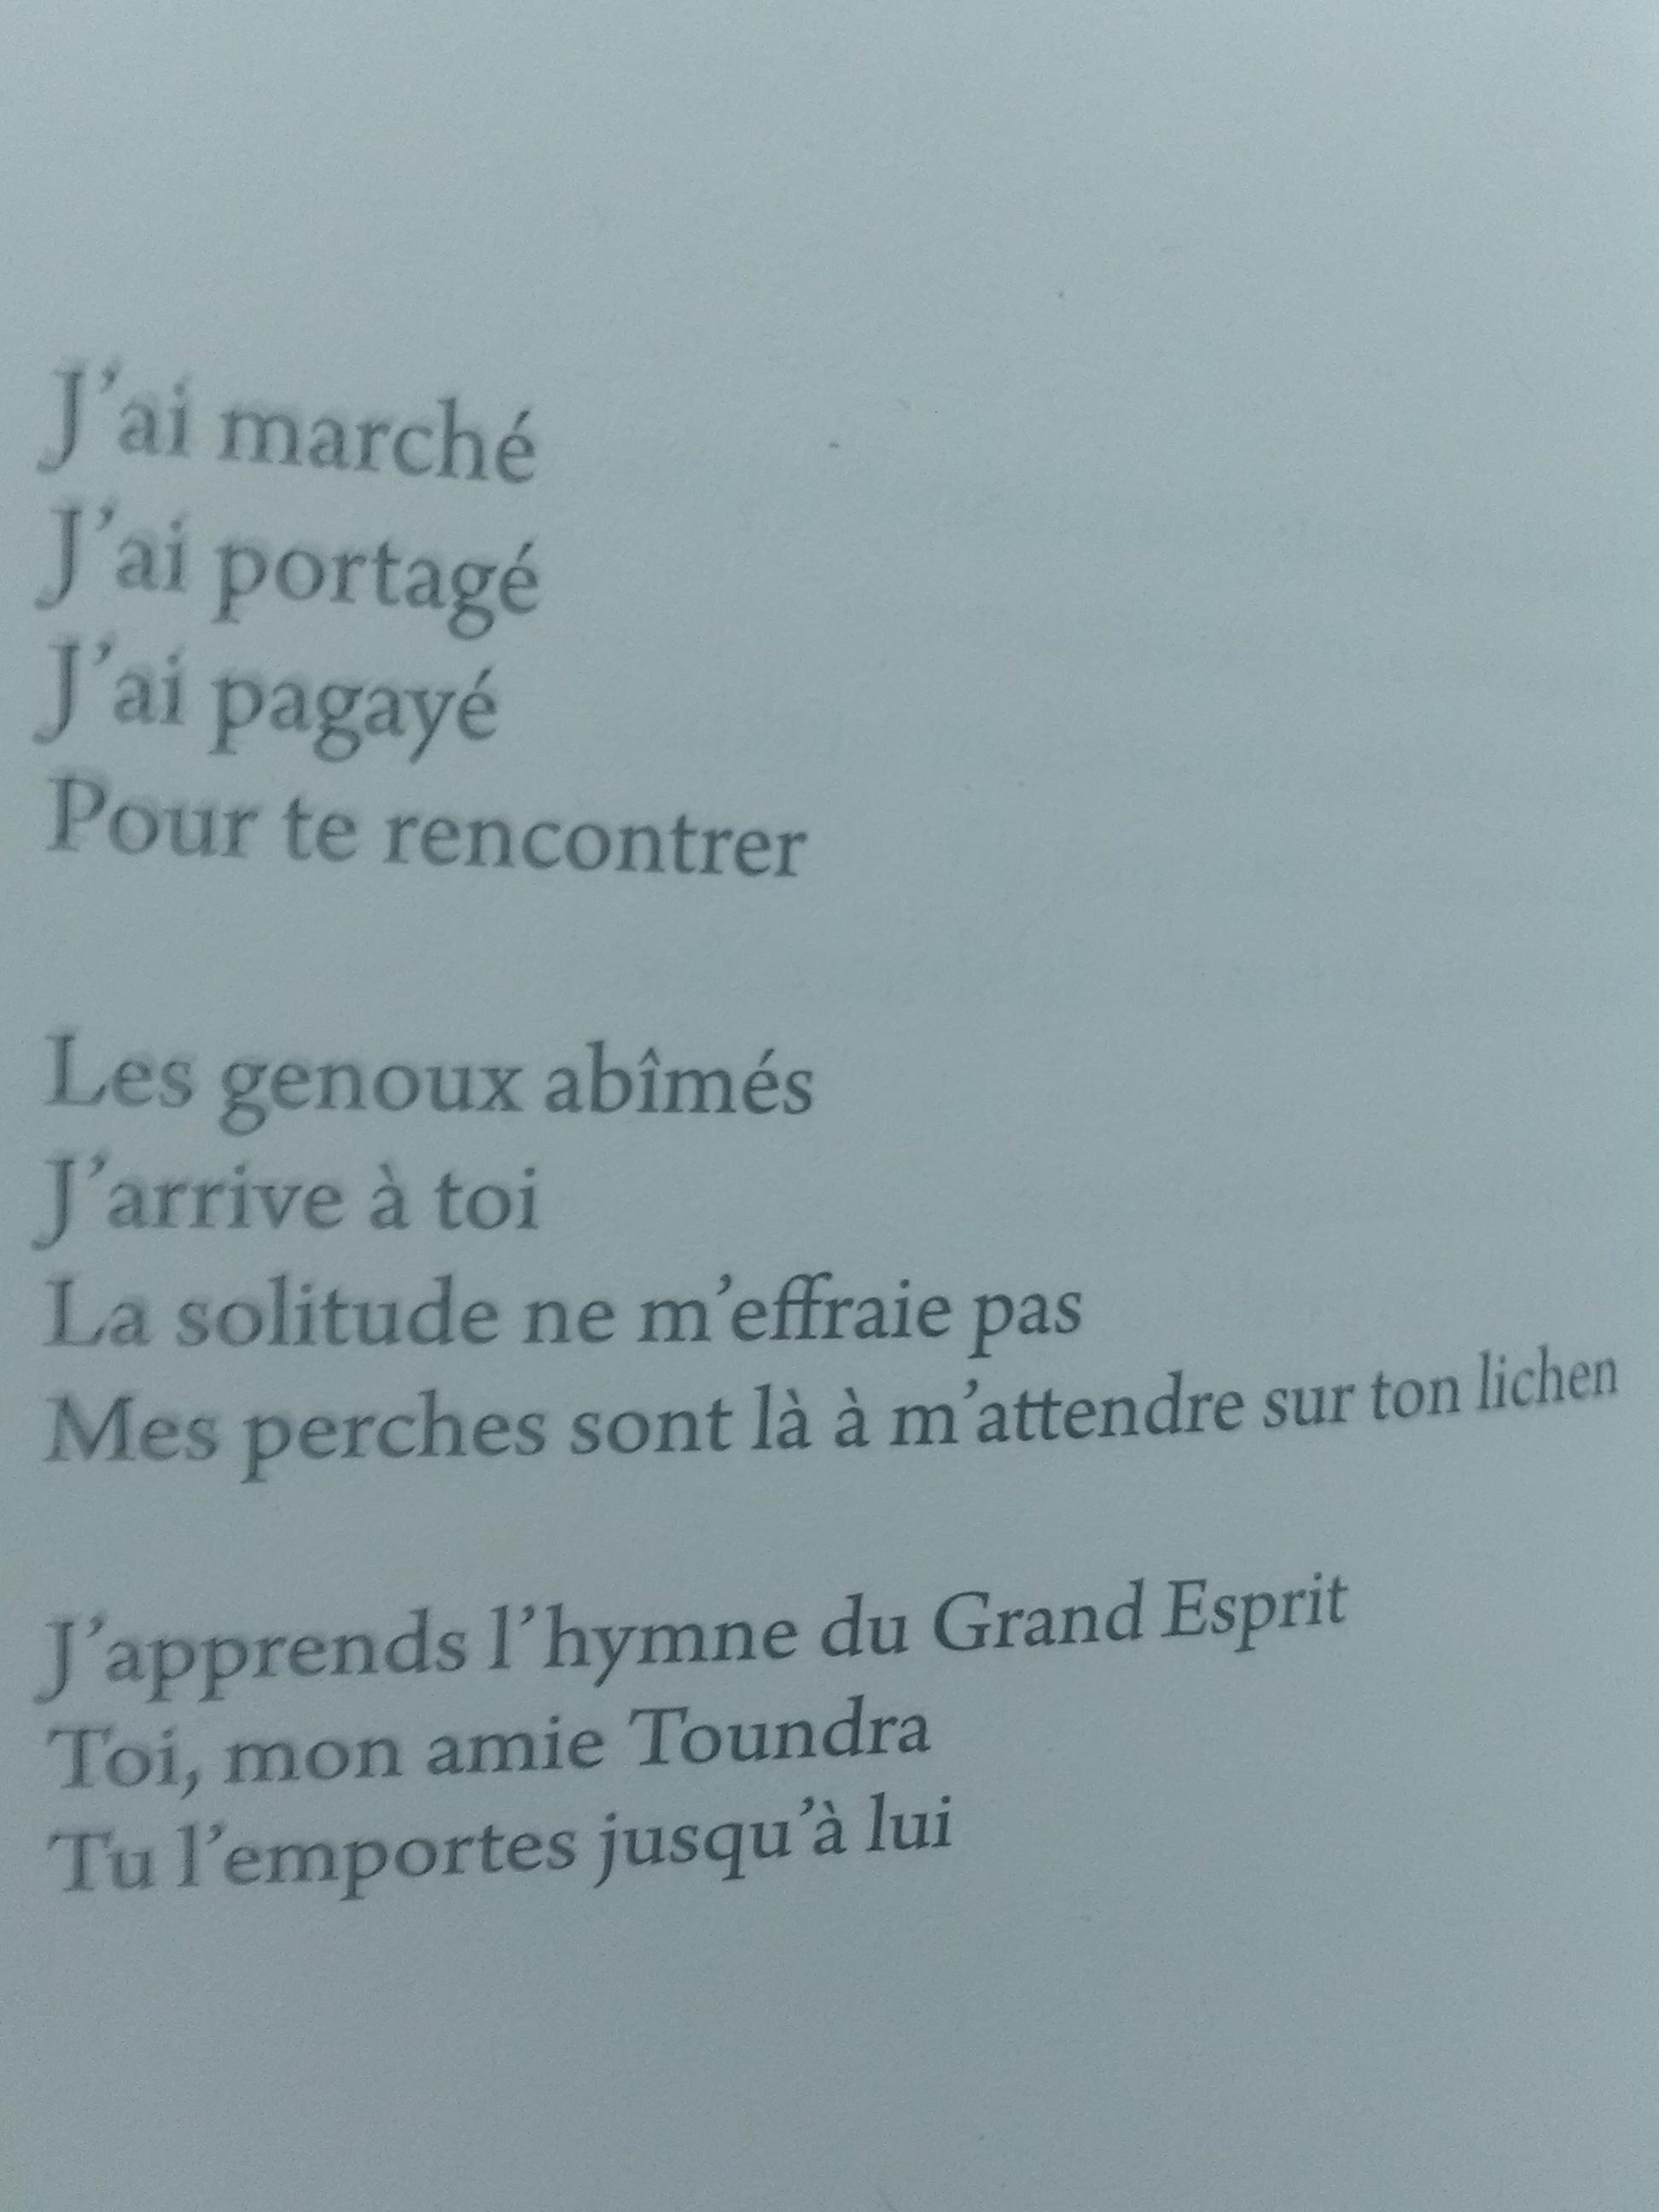 poeme josephine bacon fr